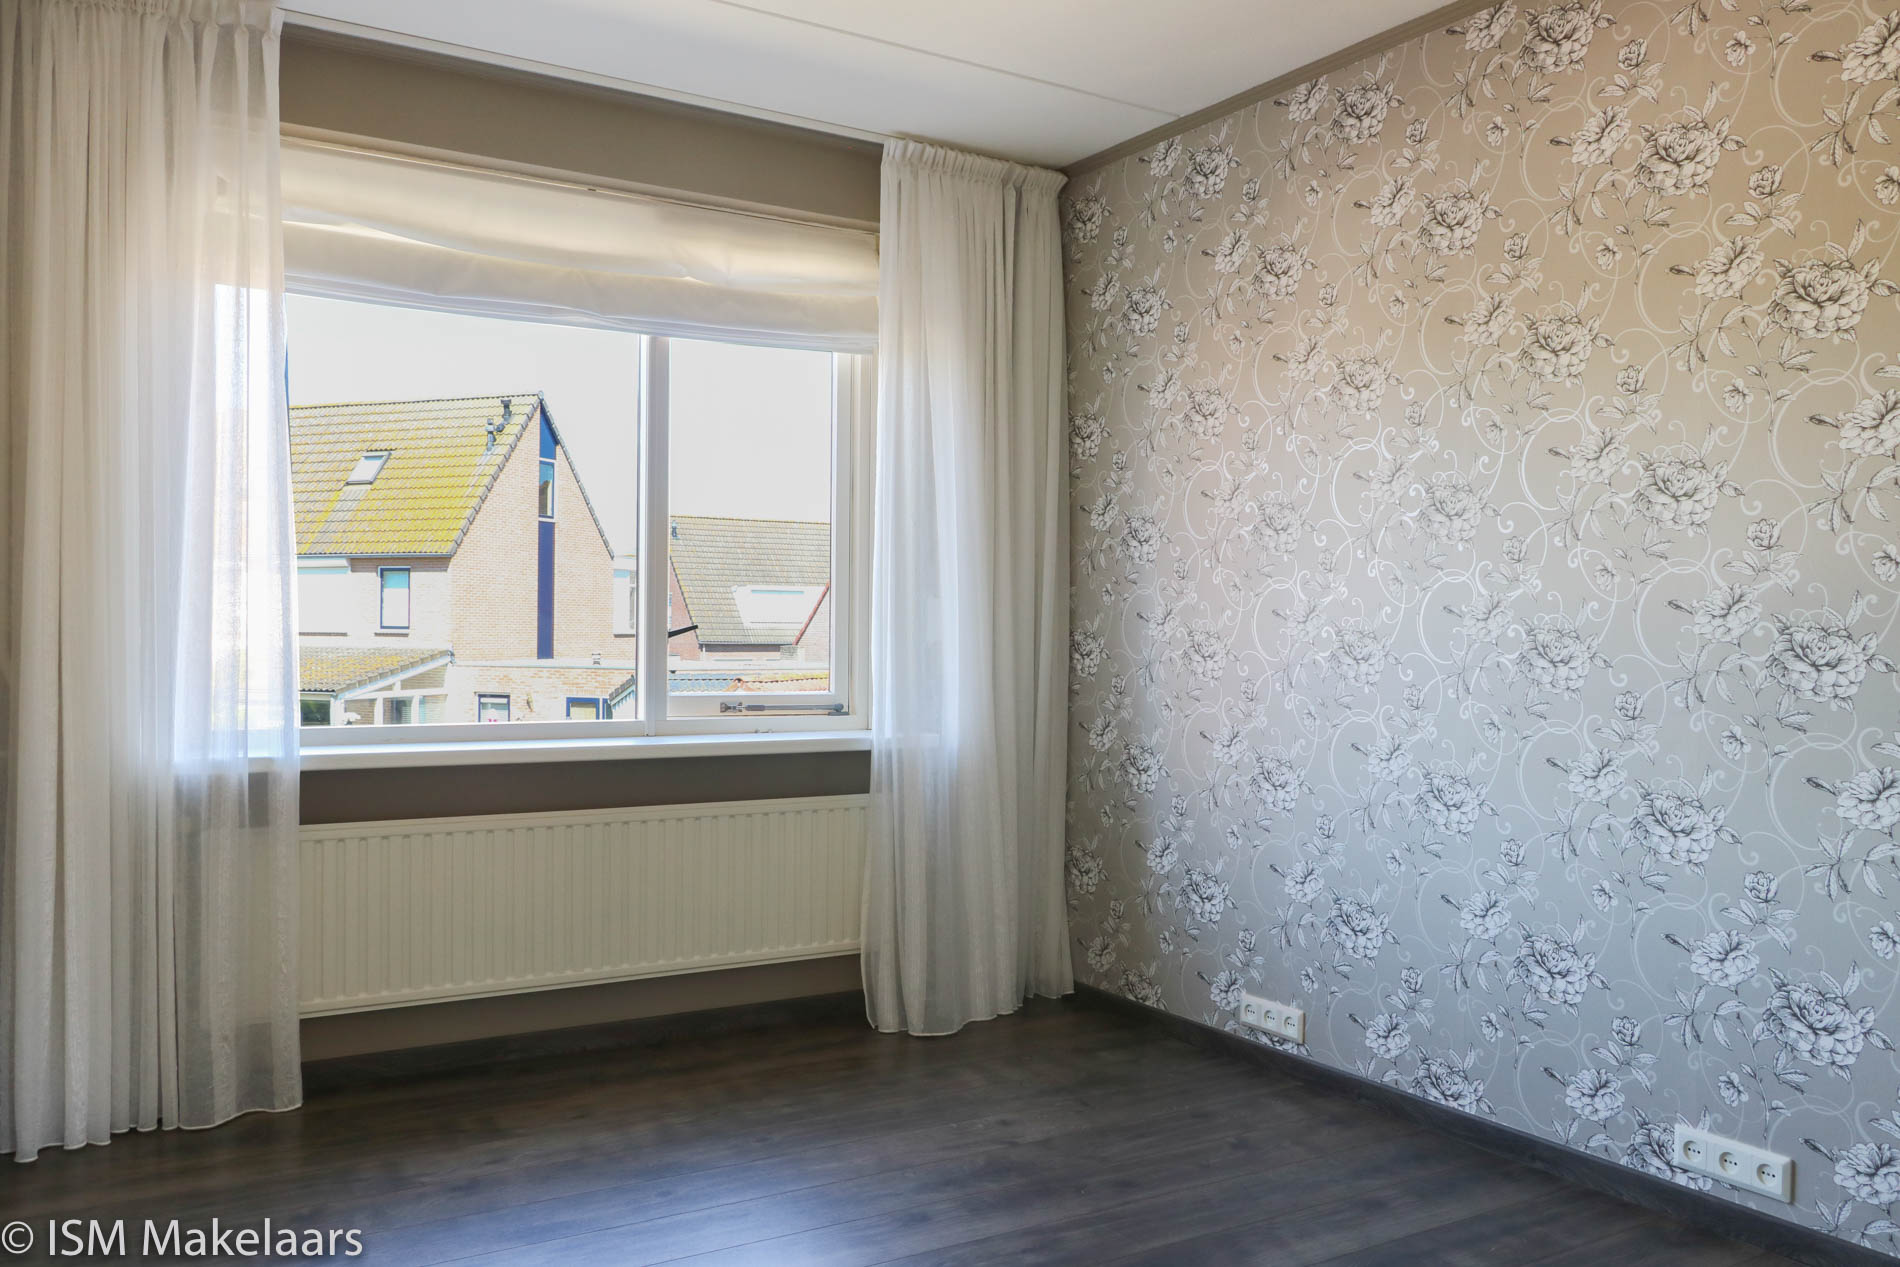 slaapkamer pr. christinastraat 18 nieuwdorp ISM Makelaars